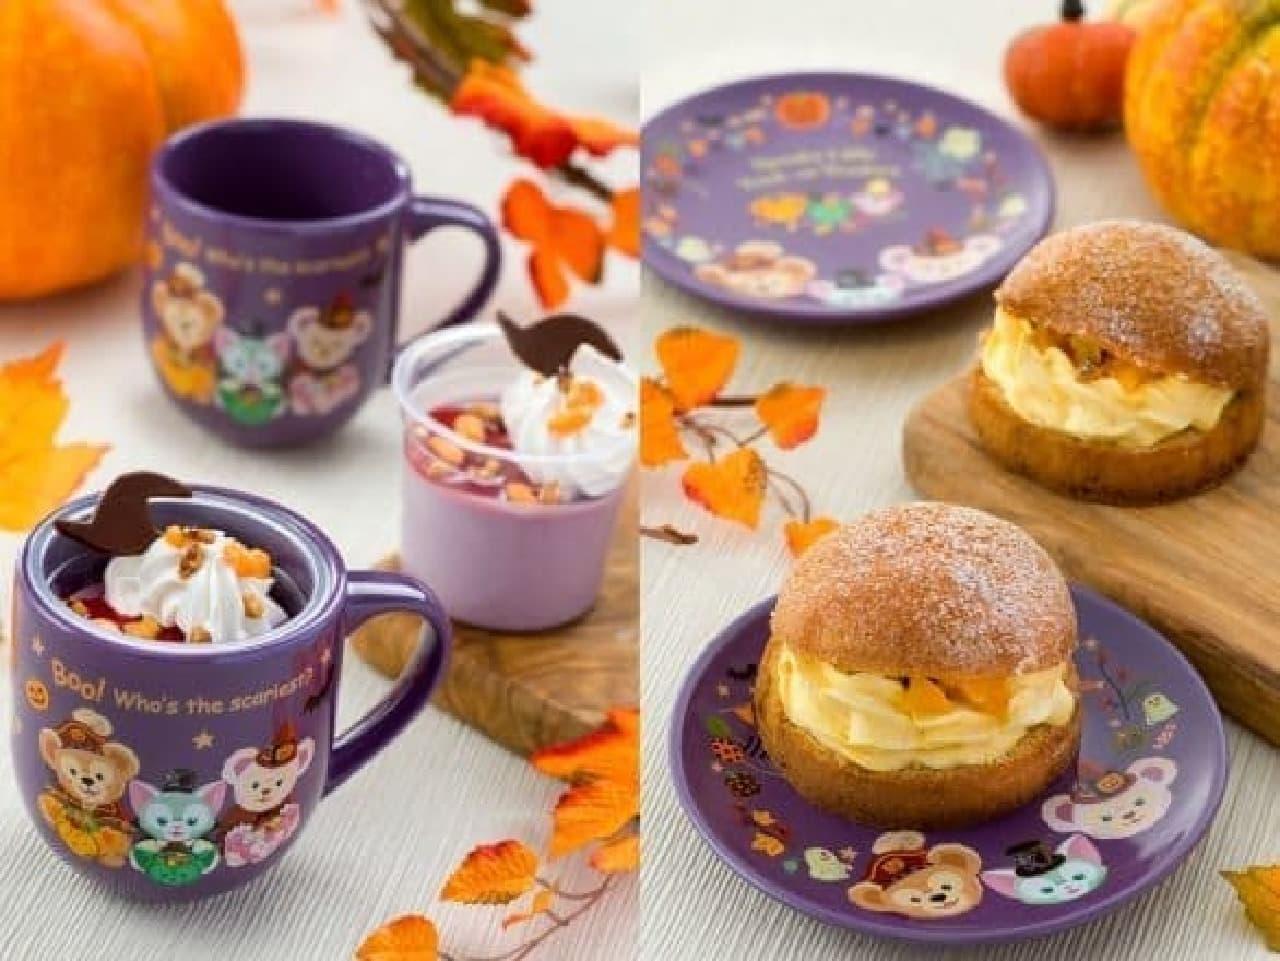 東京ディズニーシー、ハロウィン限定紫イモのムース、スーベニアカップ付き、ミルクティーパフケーキ(パンプキンクリーム)